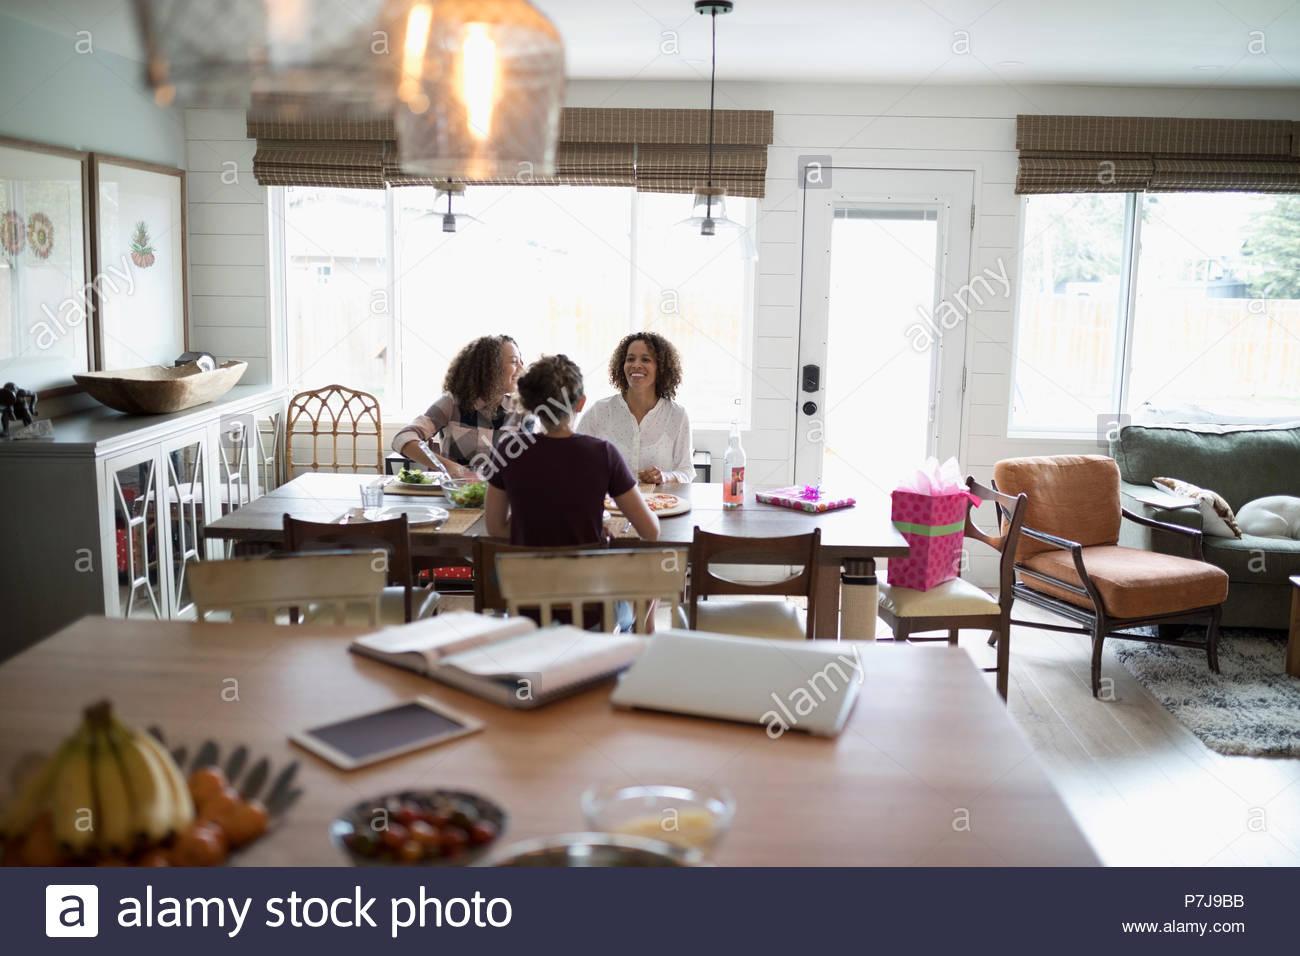 La madre e le figlie gustando un pranzo di compleanno Immagini Stock